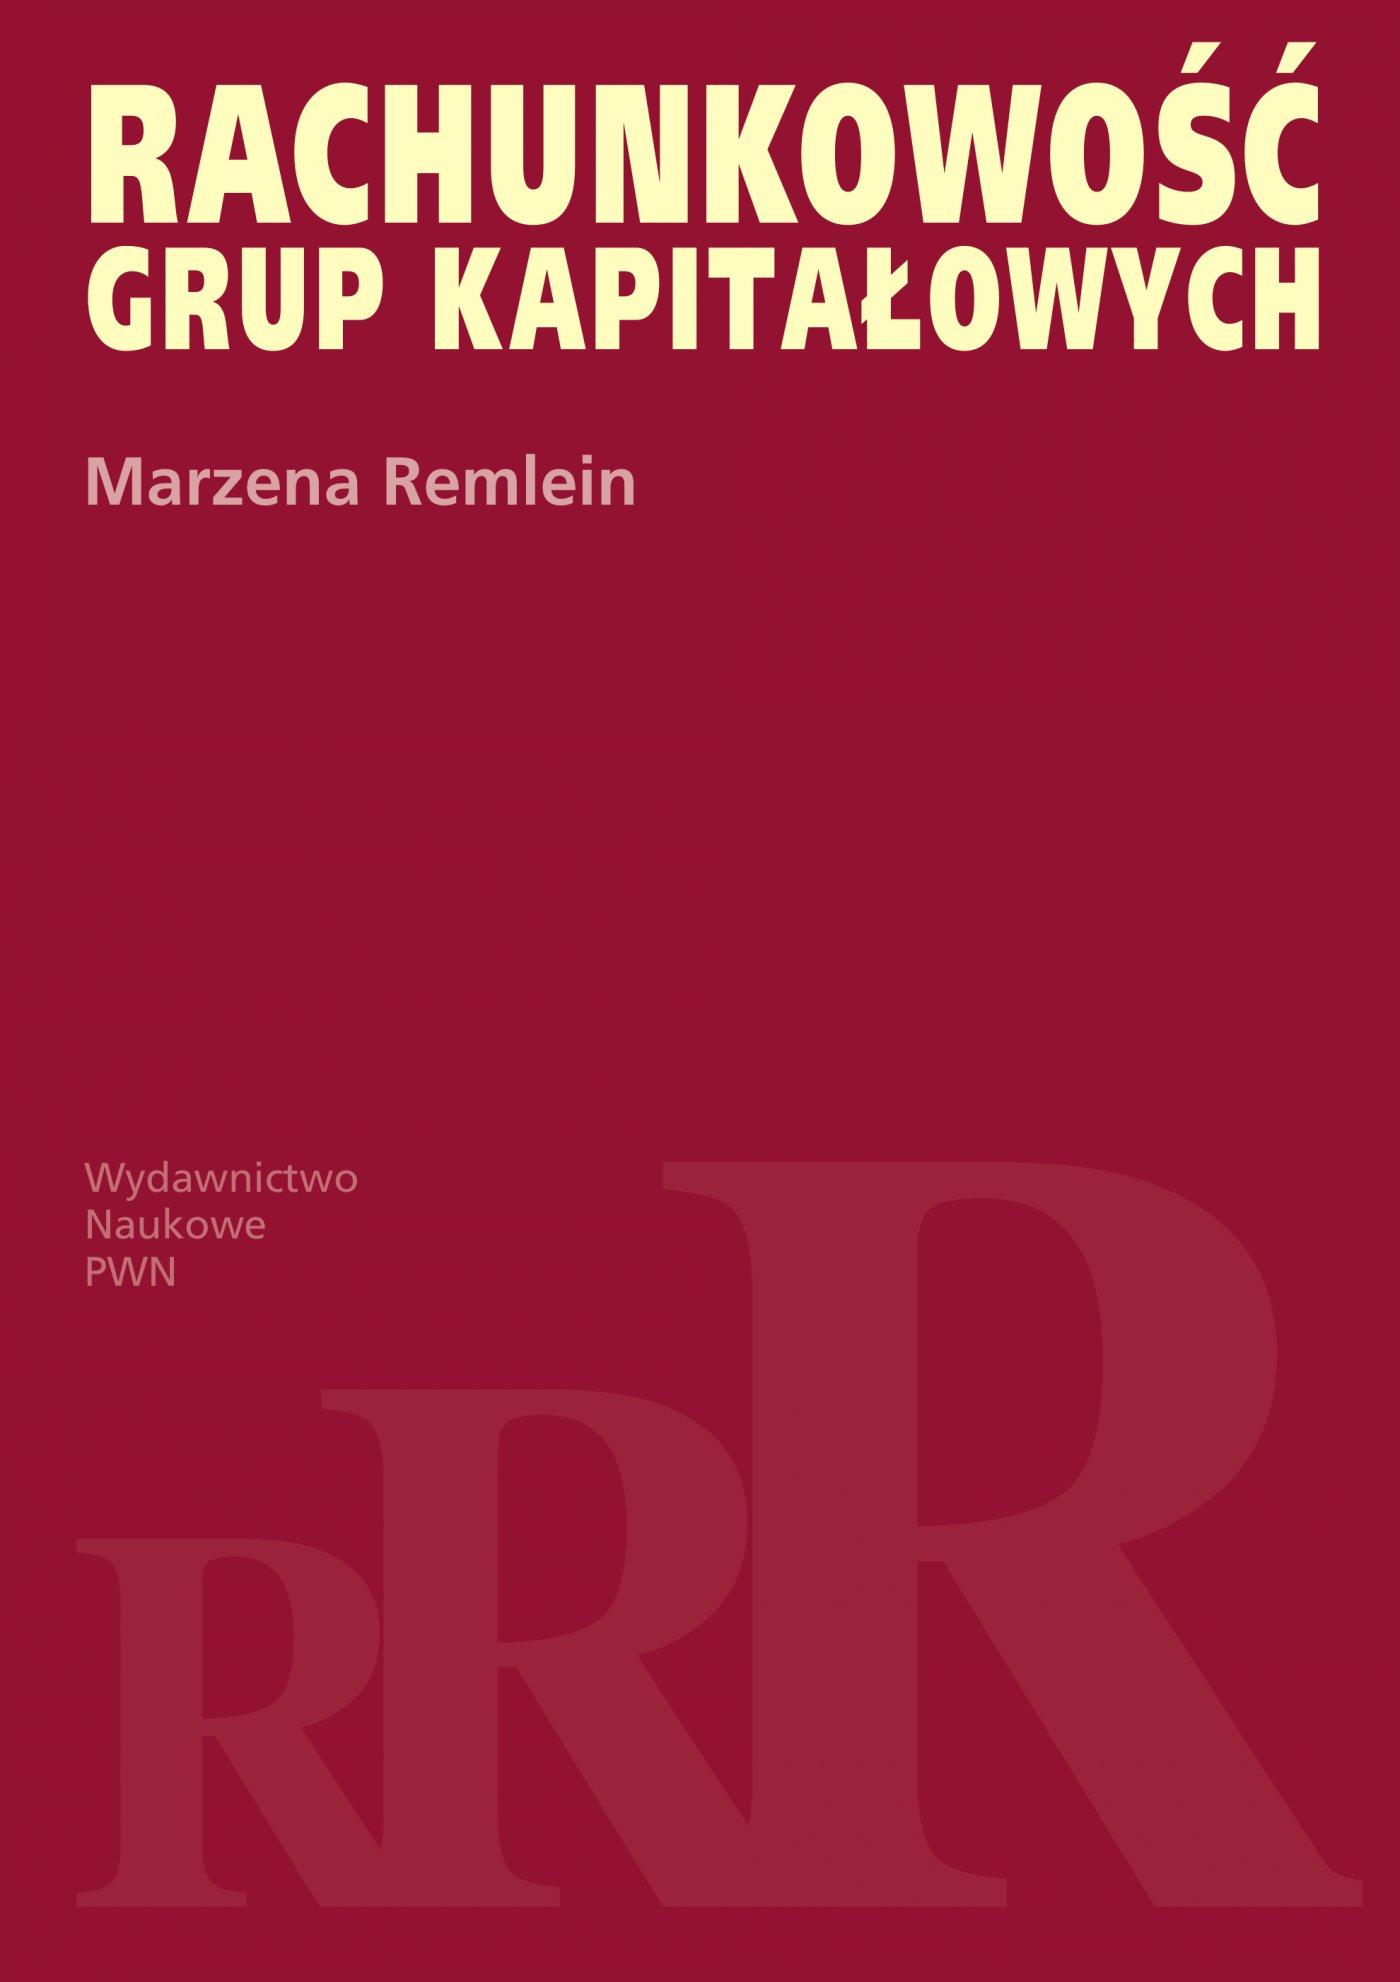 Rachunkowość grup kapitałowych - Ebook (Książka na Kindle) do pobrania w formacie MOBI